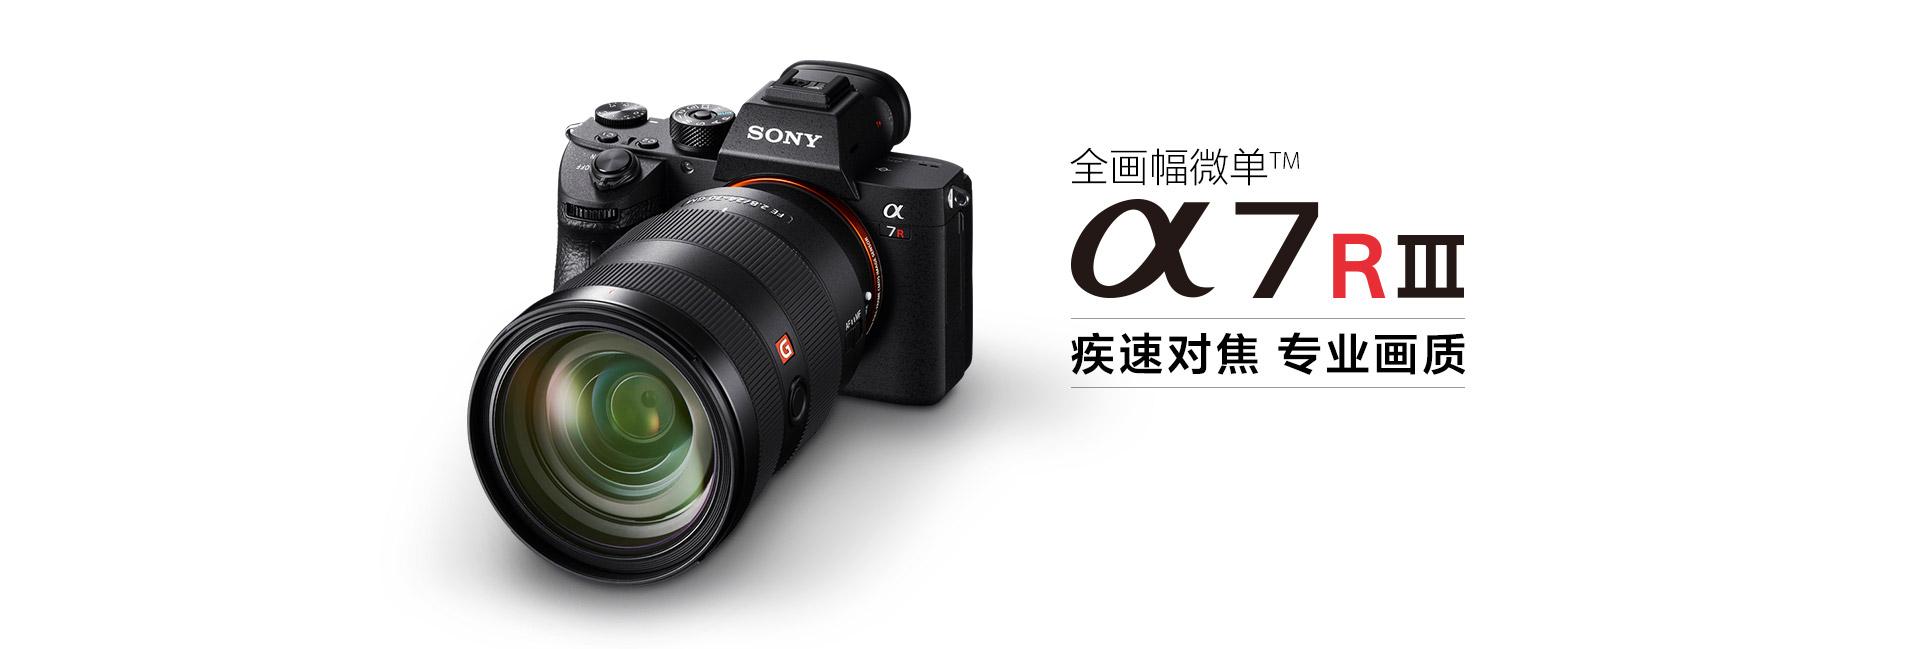 全画幅微单™Alpha 7R Ⅲ疾速对焦 专业画质